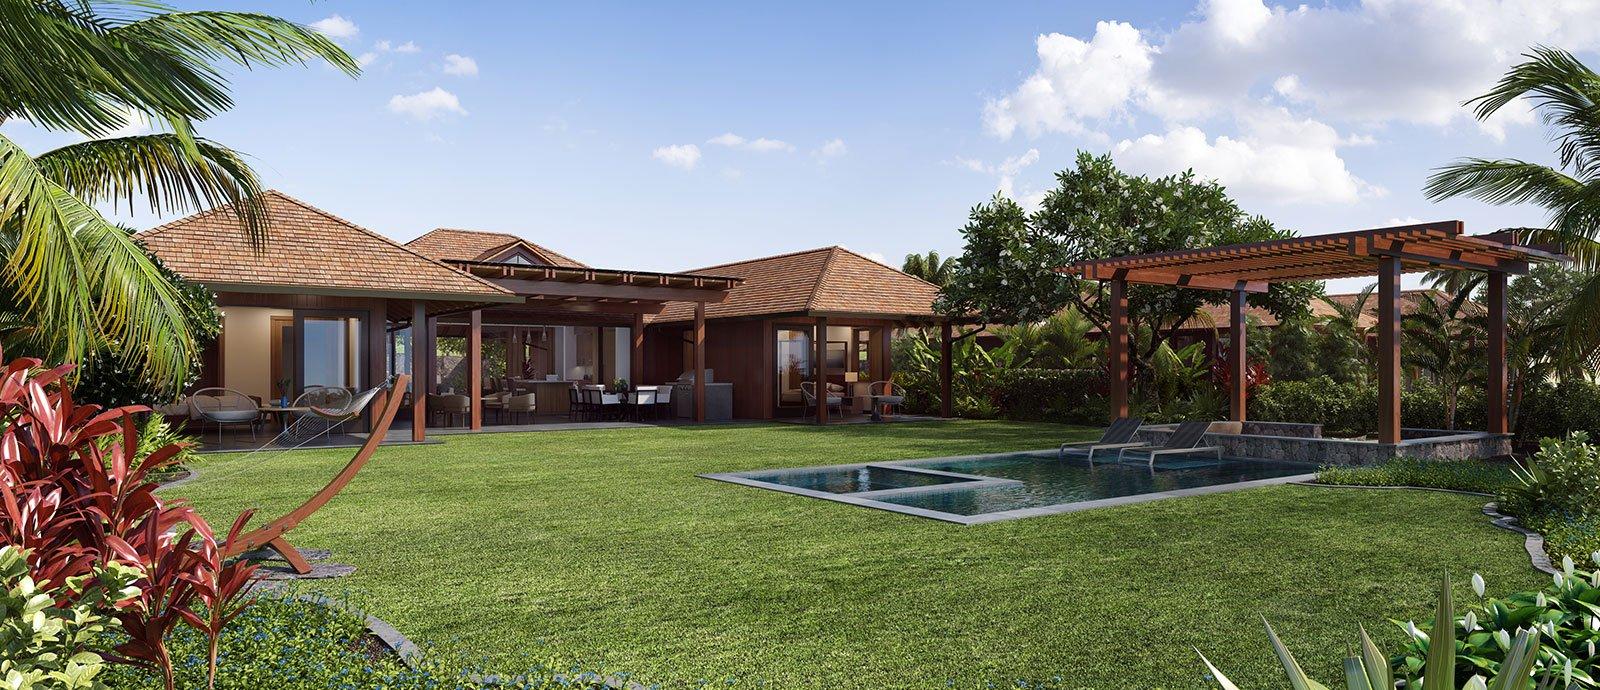 Kainani 18 Custom Home - Kukuiula Real Estate Kauai